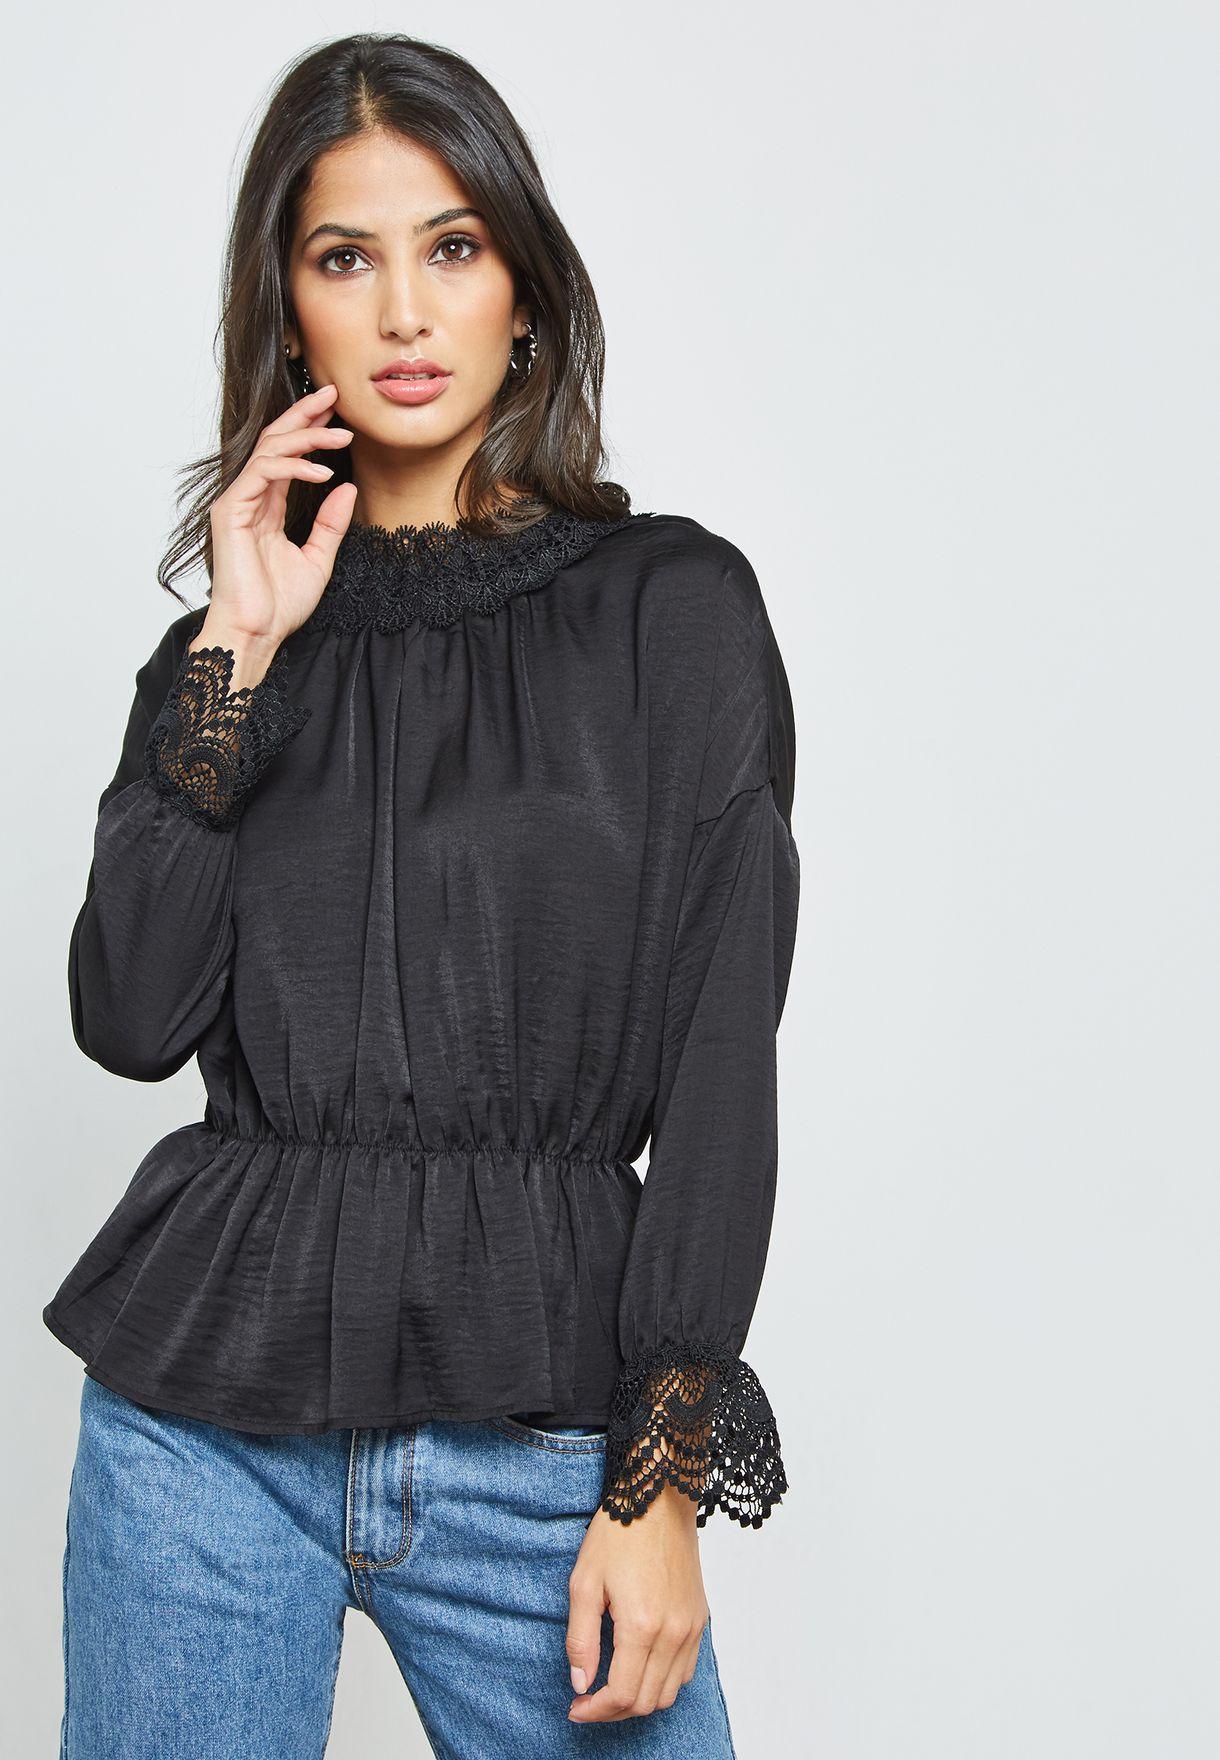 e8ba2881ad5f6d Shop Ella black Lace Trim Peplum Top 8338LT for Women in Saudi -  EL314AT22EVD